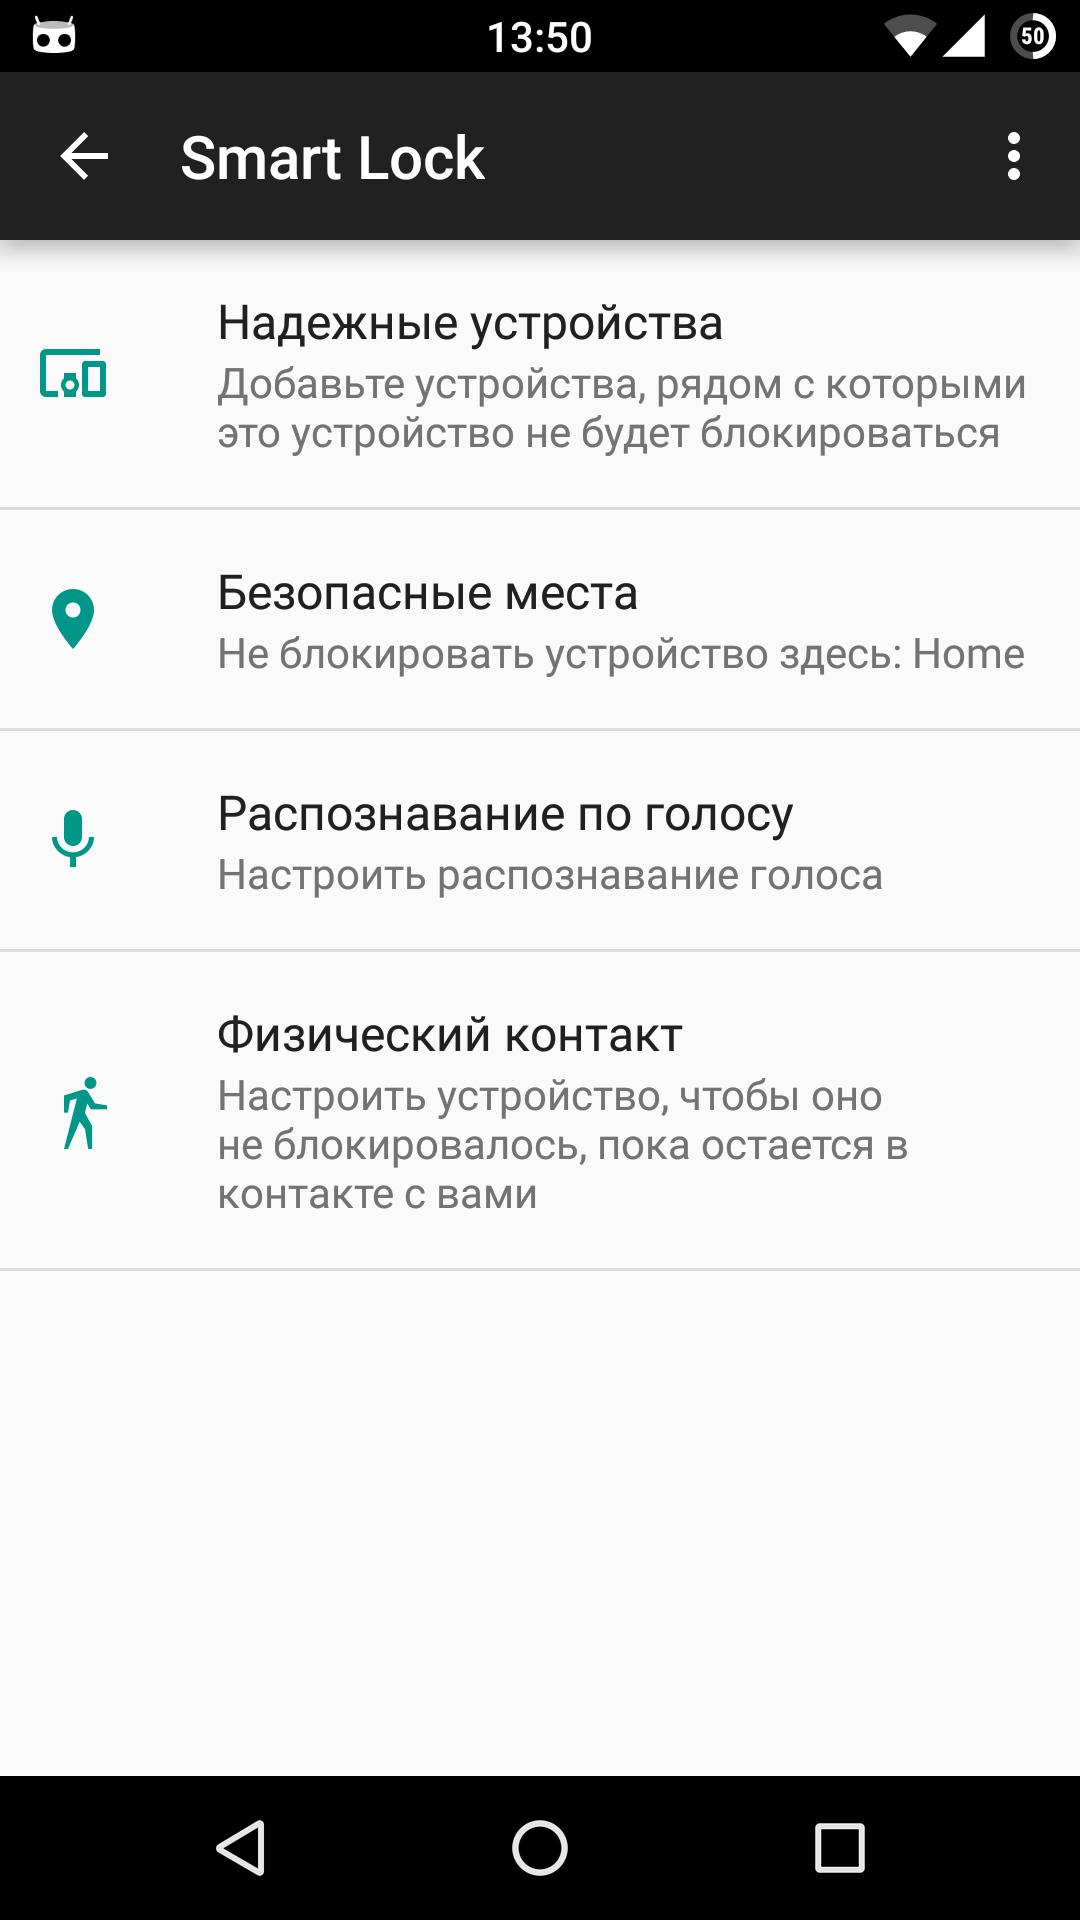 Smart Lock settings window